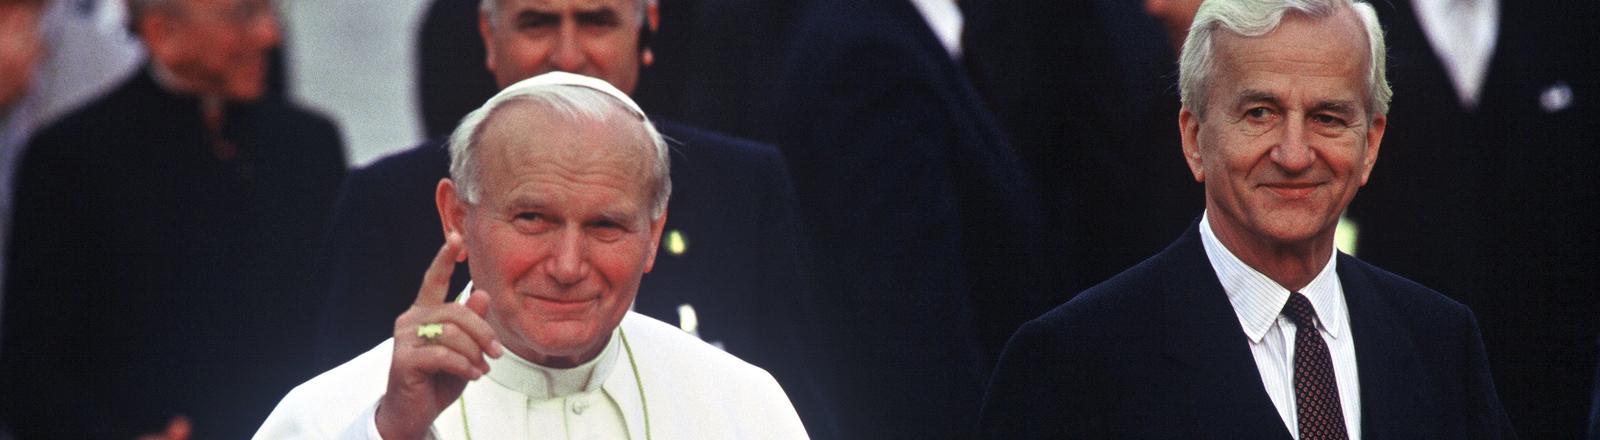 Johannes Paul II und Richard von Weizsäcker